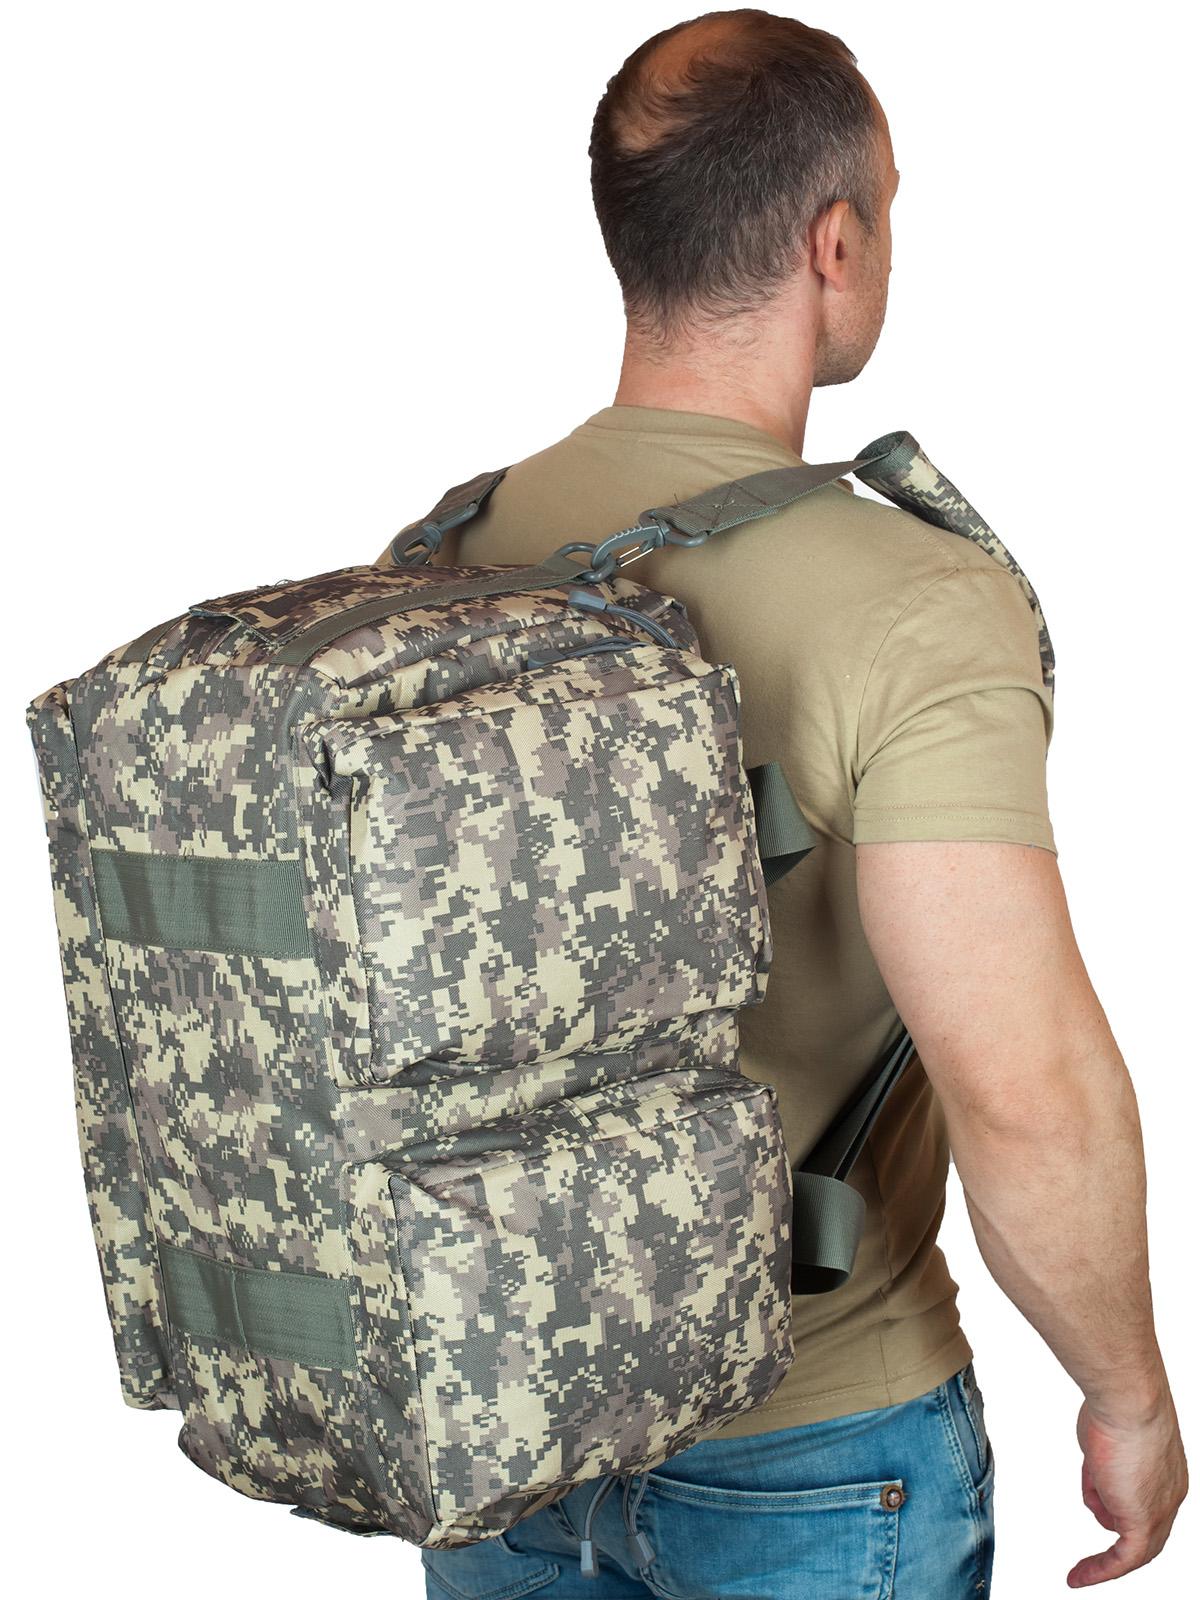 Купить камуфляжную заплечную сумку с нашивкой Флот России с доставкой и самовывозом